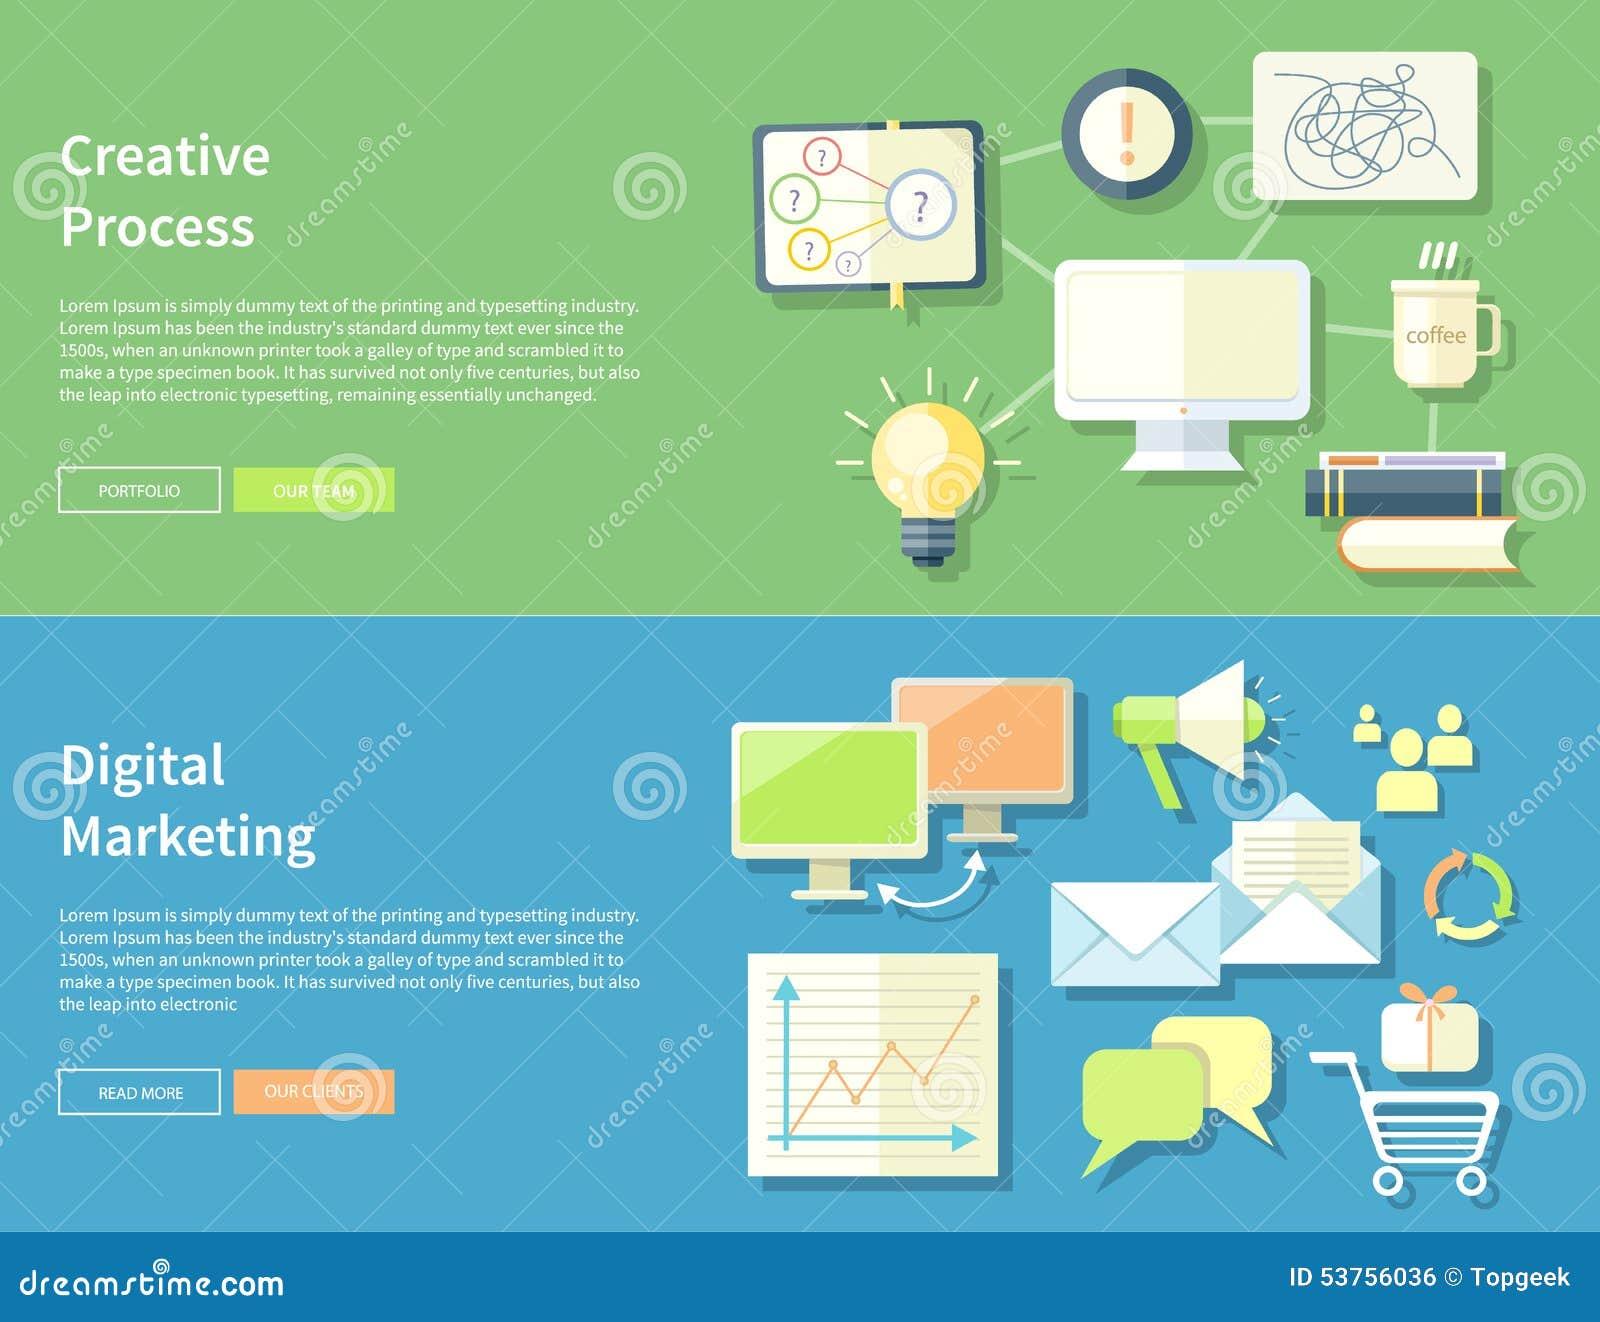 Kreativer Prozess Und Digital-Marketing-Konzept Vektor Abbildung ...